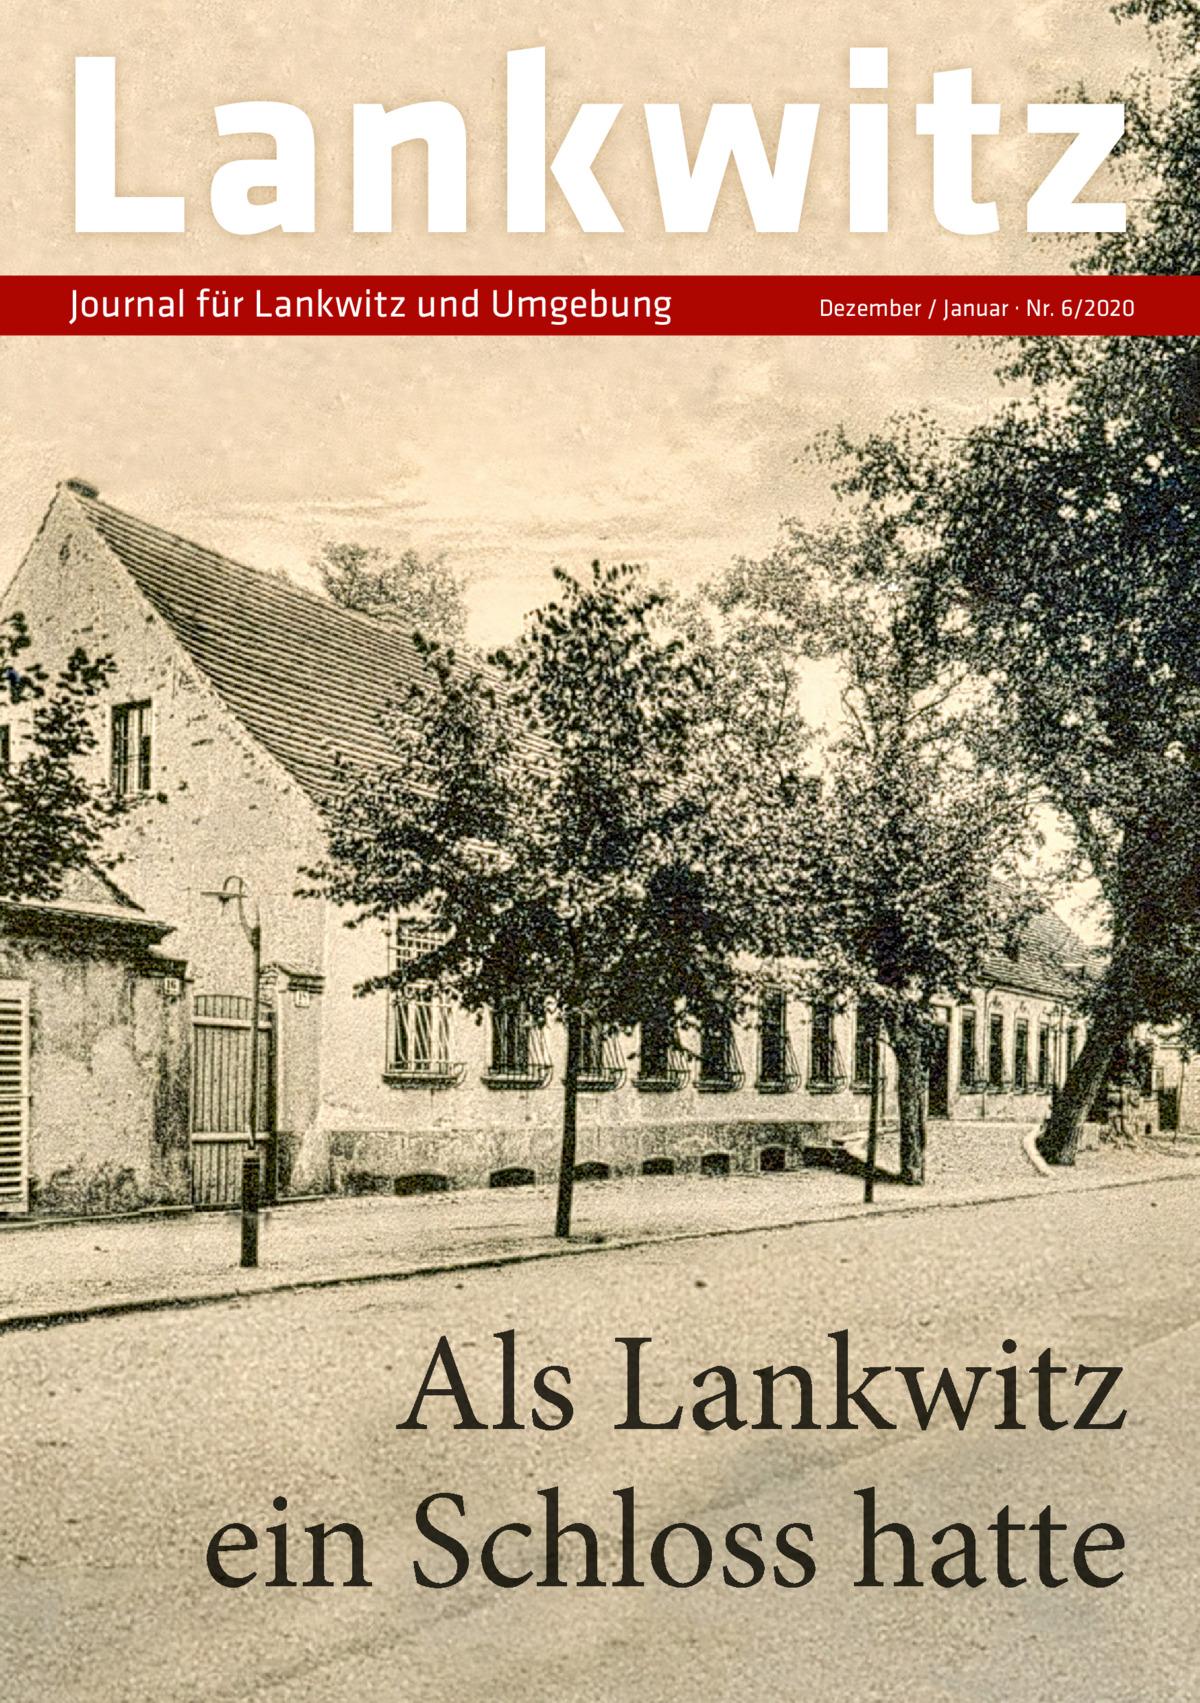 Lankwitz Journal für Lankwitz und Umgebung  Dezember / Januar · Nr. 6/2020  Als Lankwitz ein Schloss hatte